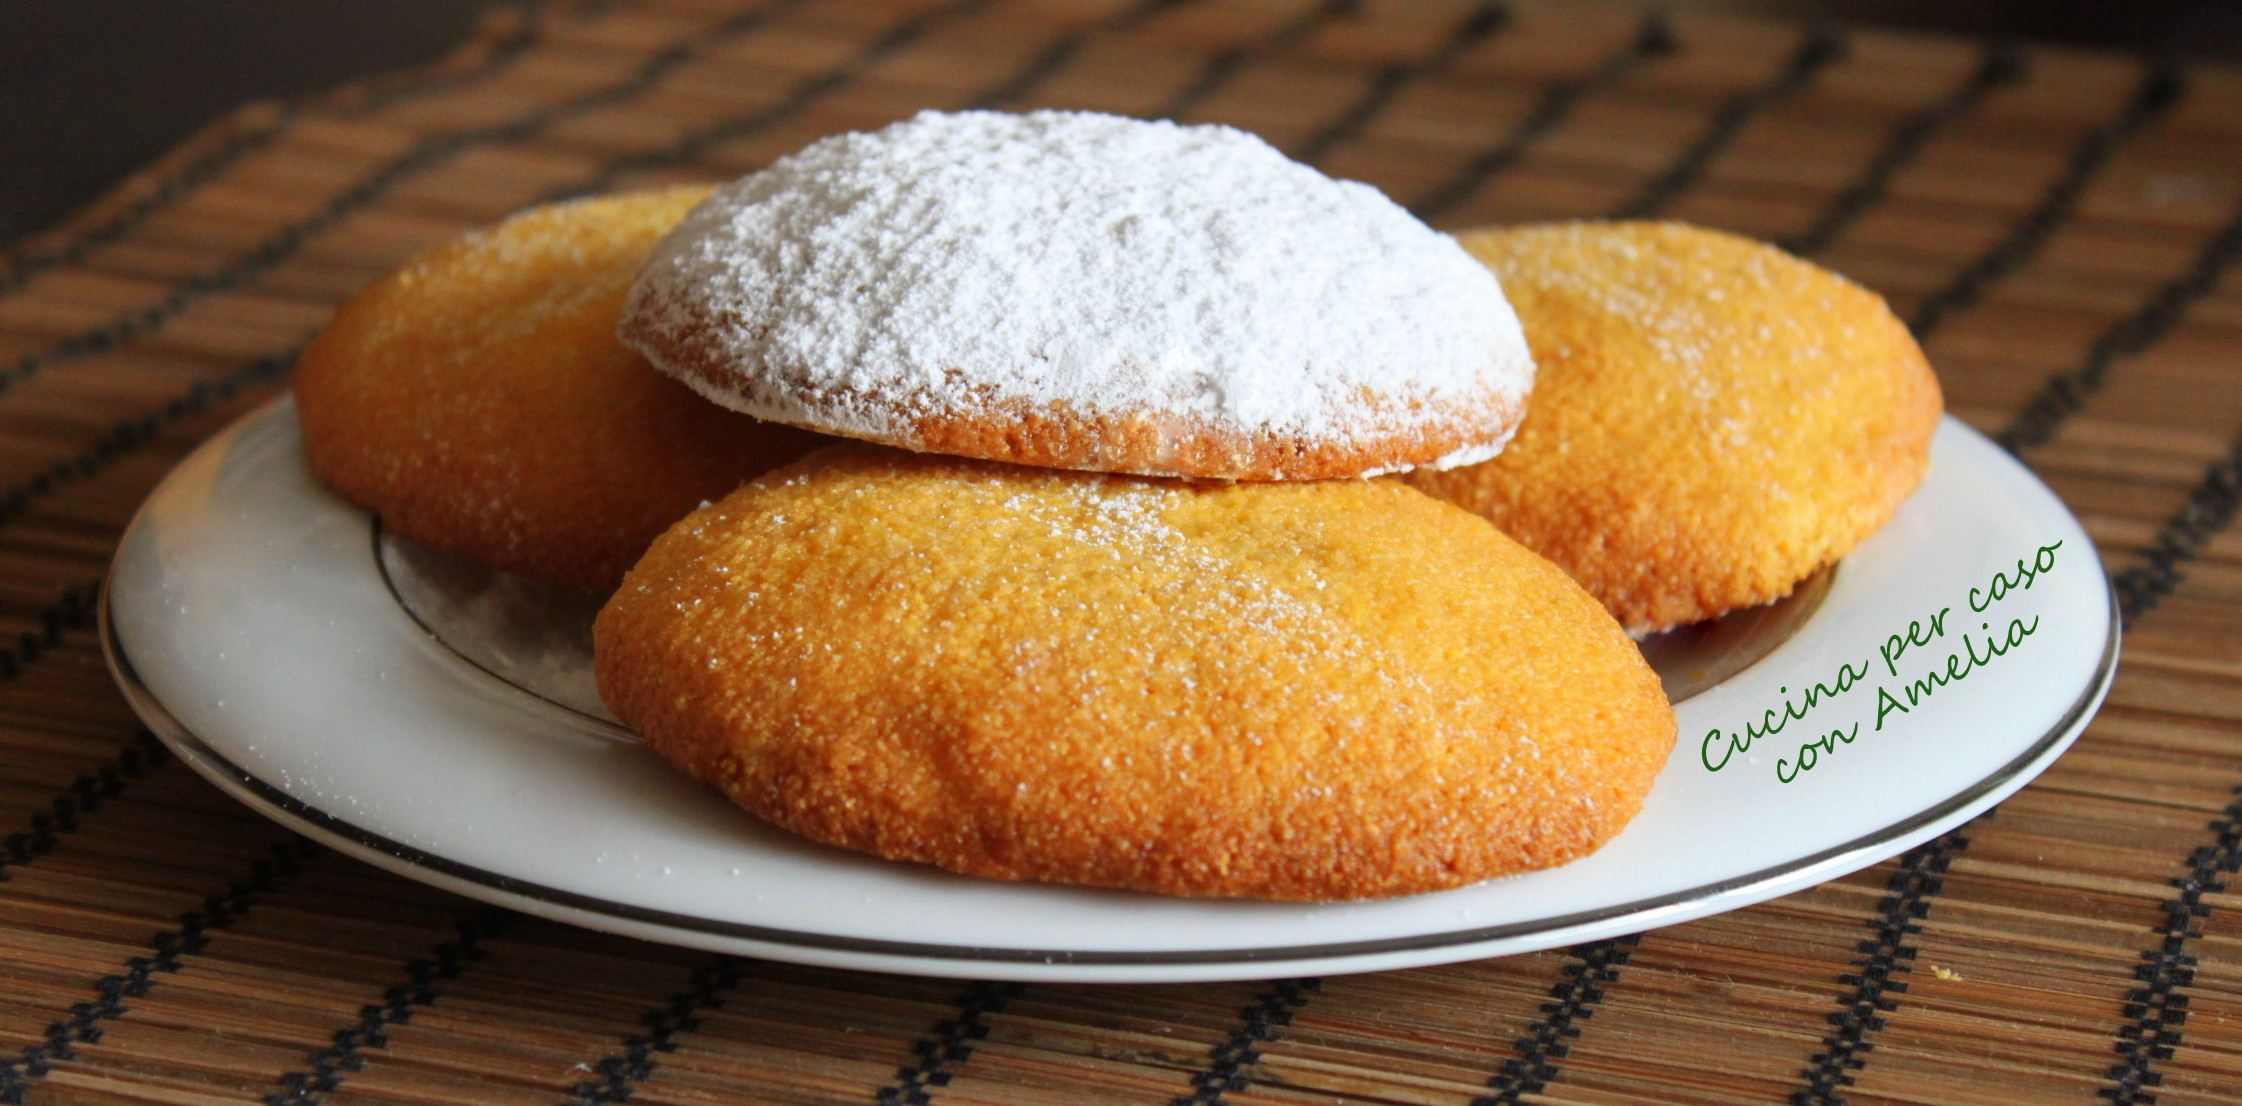 Biscotti meini ricetta dolce lombarda cucina per caso for Cucina ricette dolci